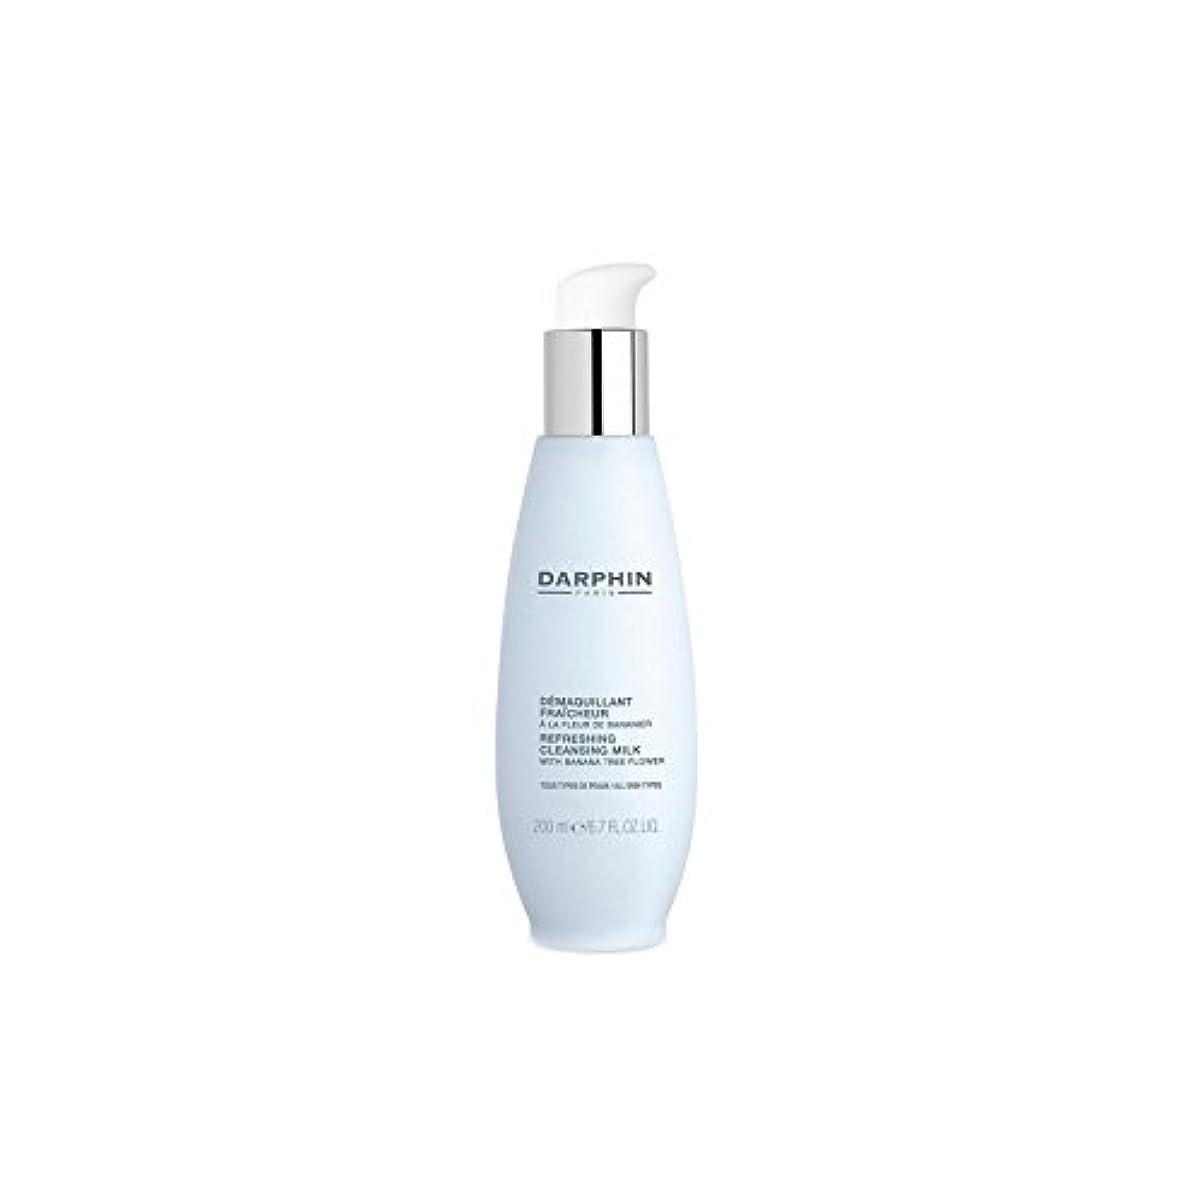 飛行機スクラッチワーカーDarphin Refreshing Cleansing Milk - For Normal Skin (200ml) - さわやかなクレンジングミルクをダルファン - 正常な皮膚のために(200ミリリットル) [並行輸入品]